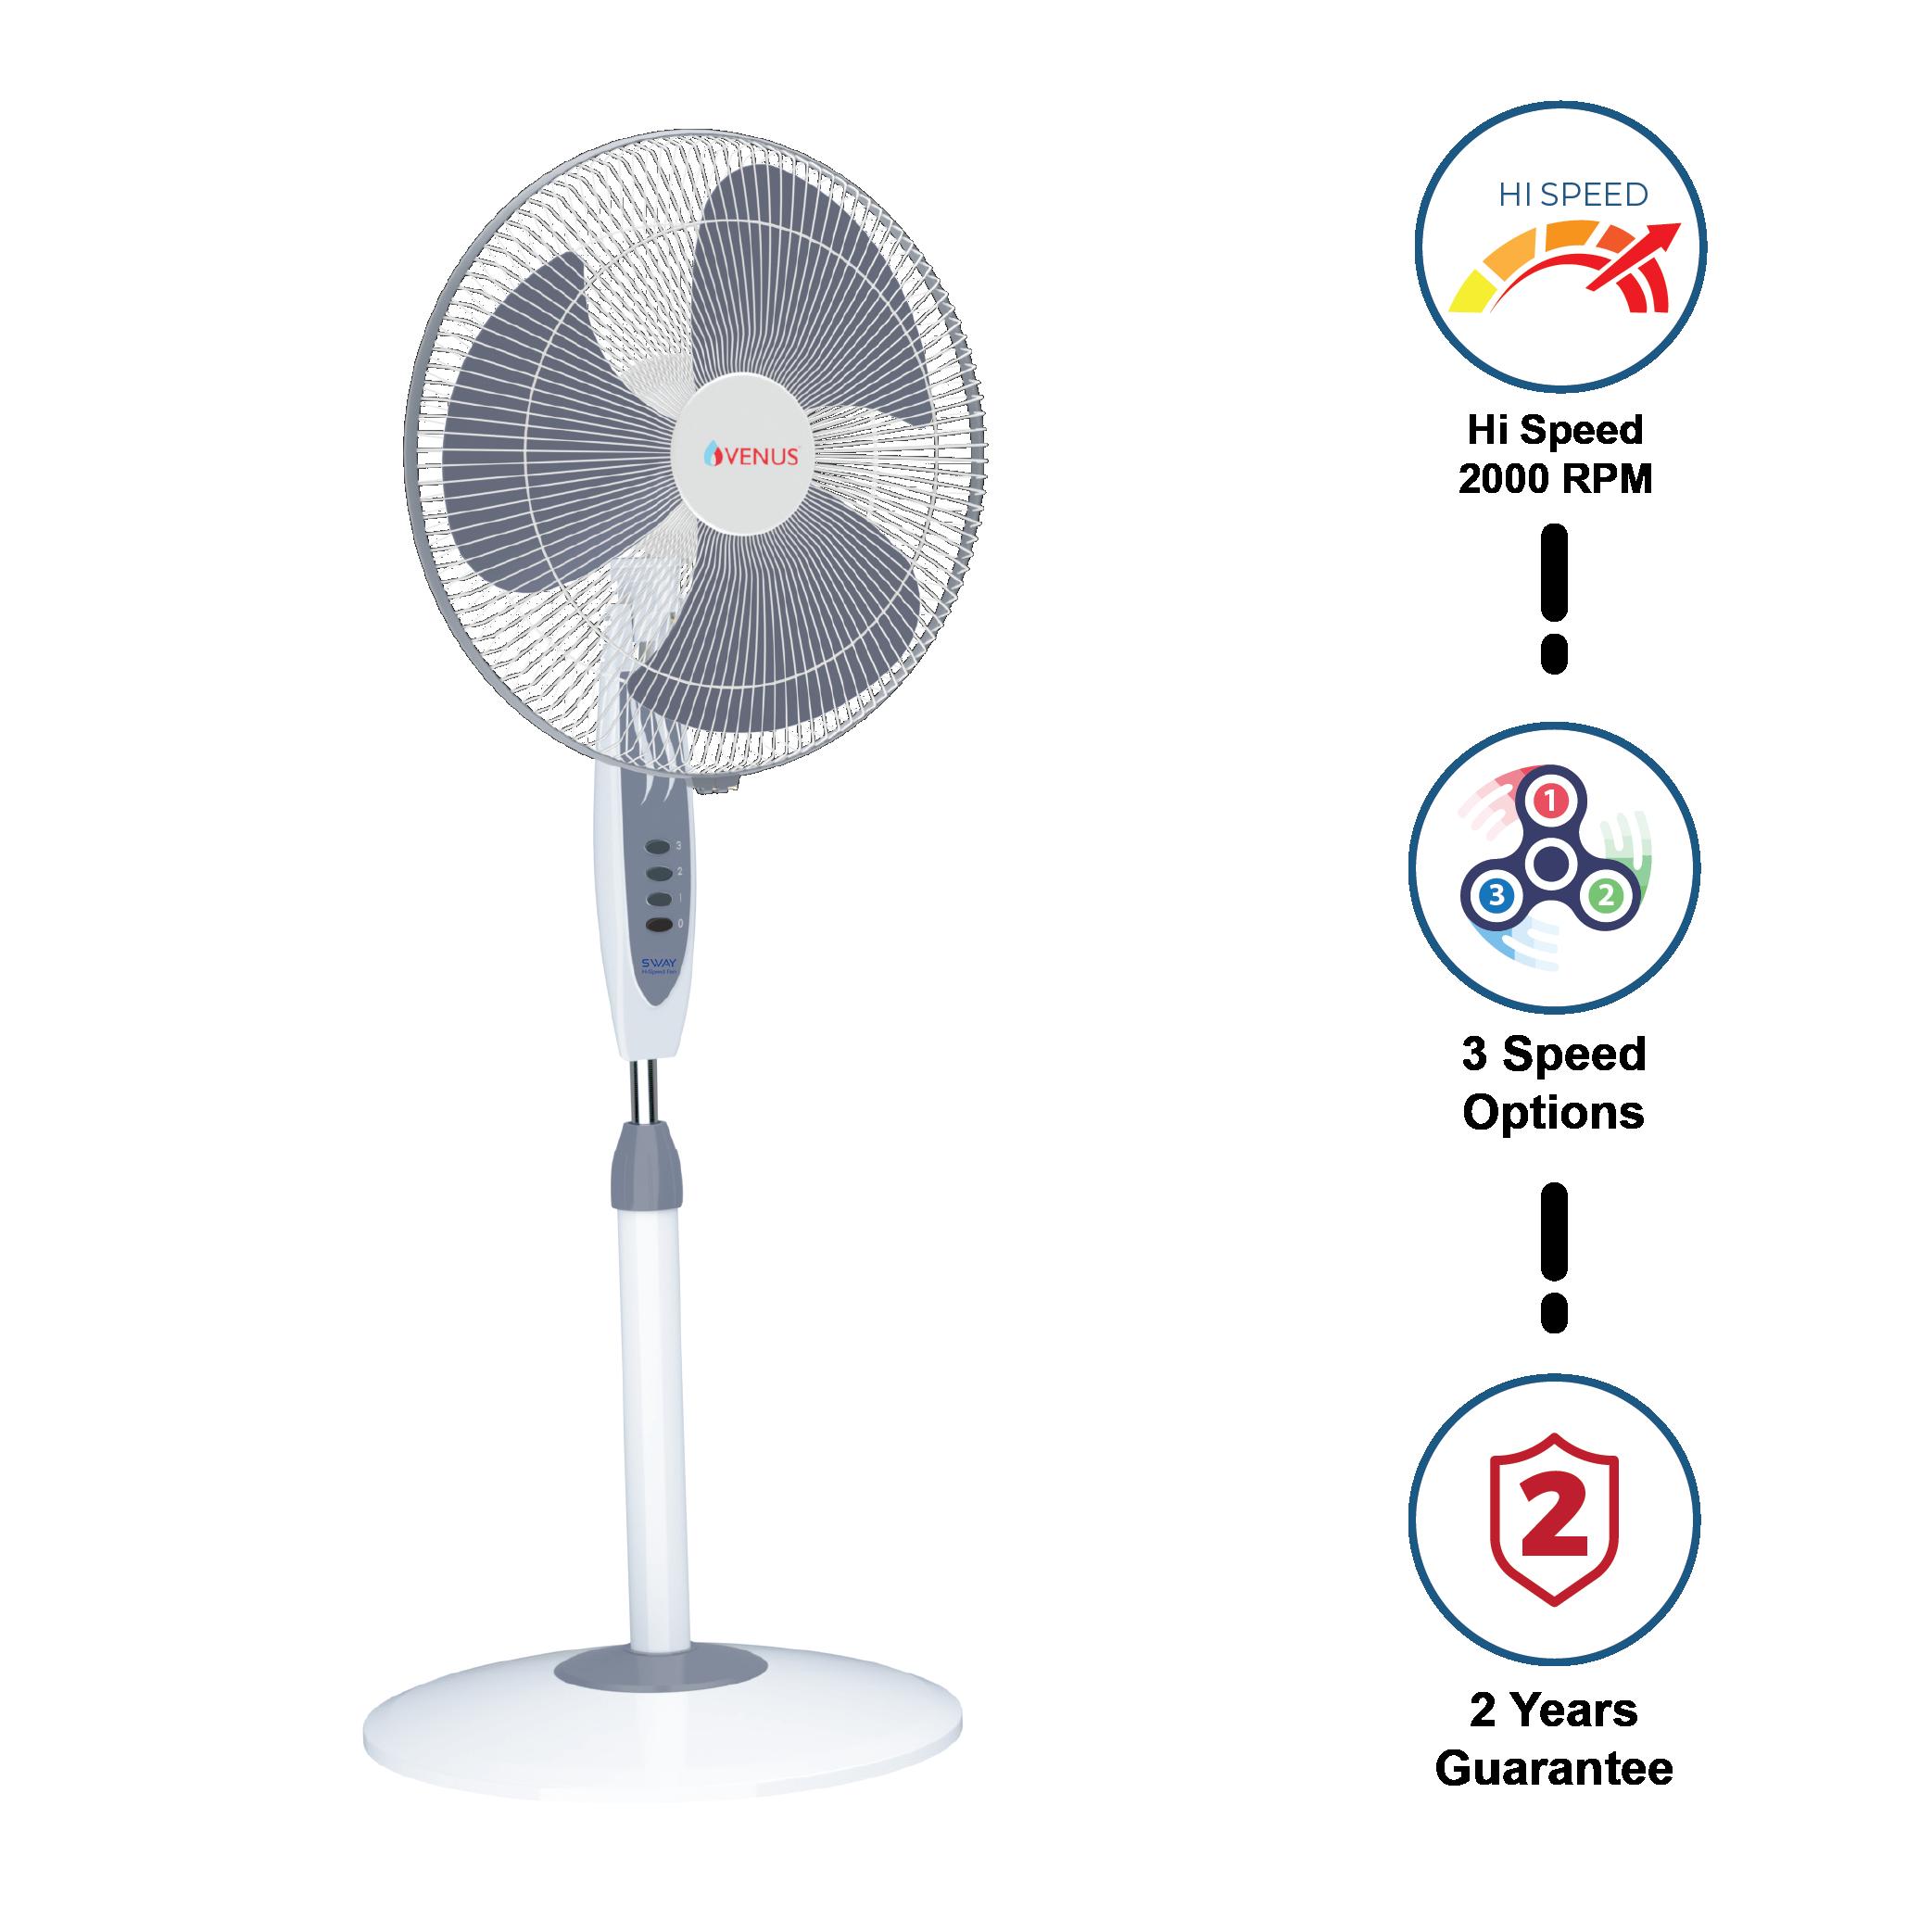 Sway Hi-speed Pedestal Fan